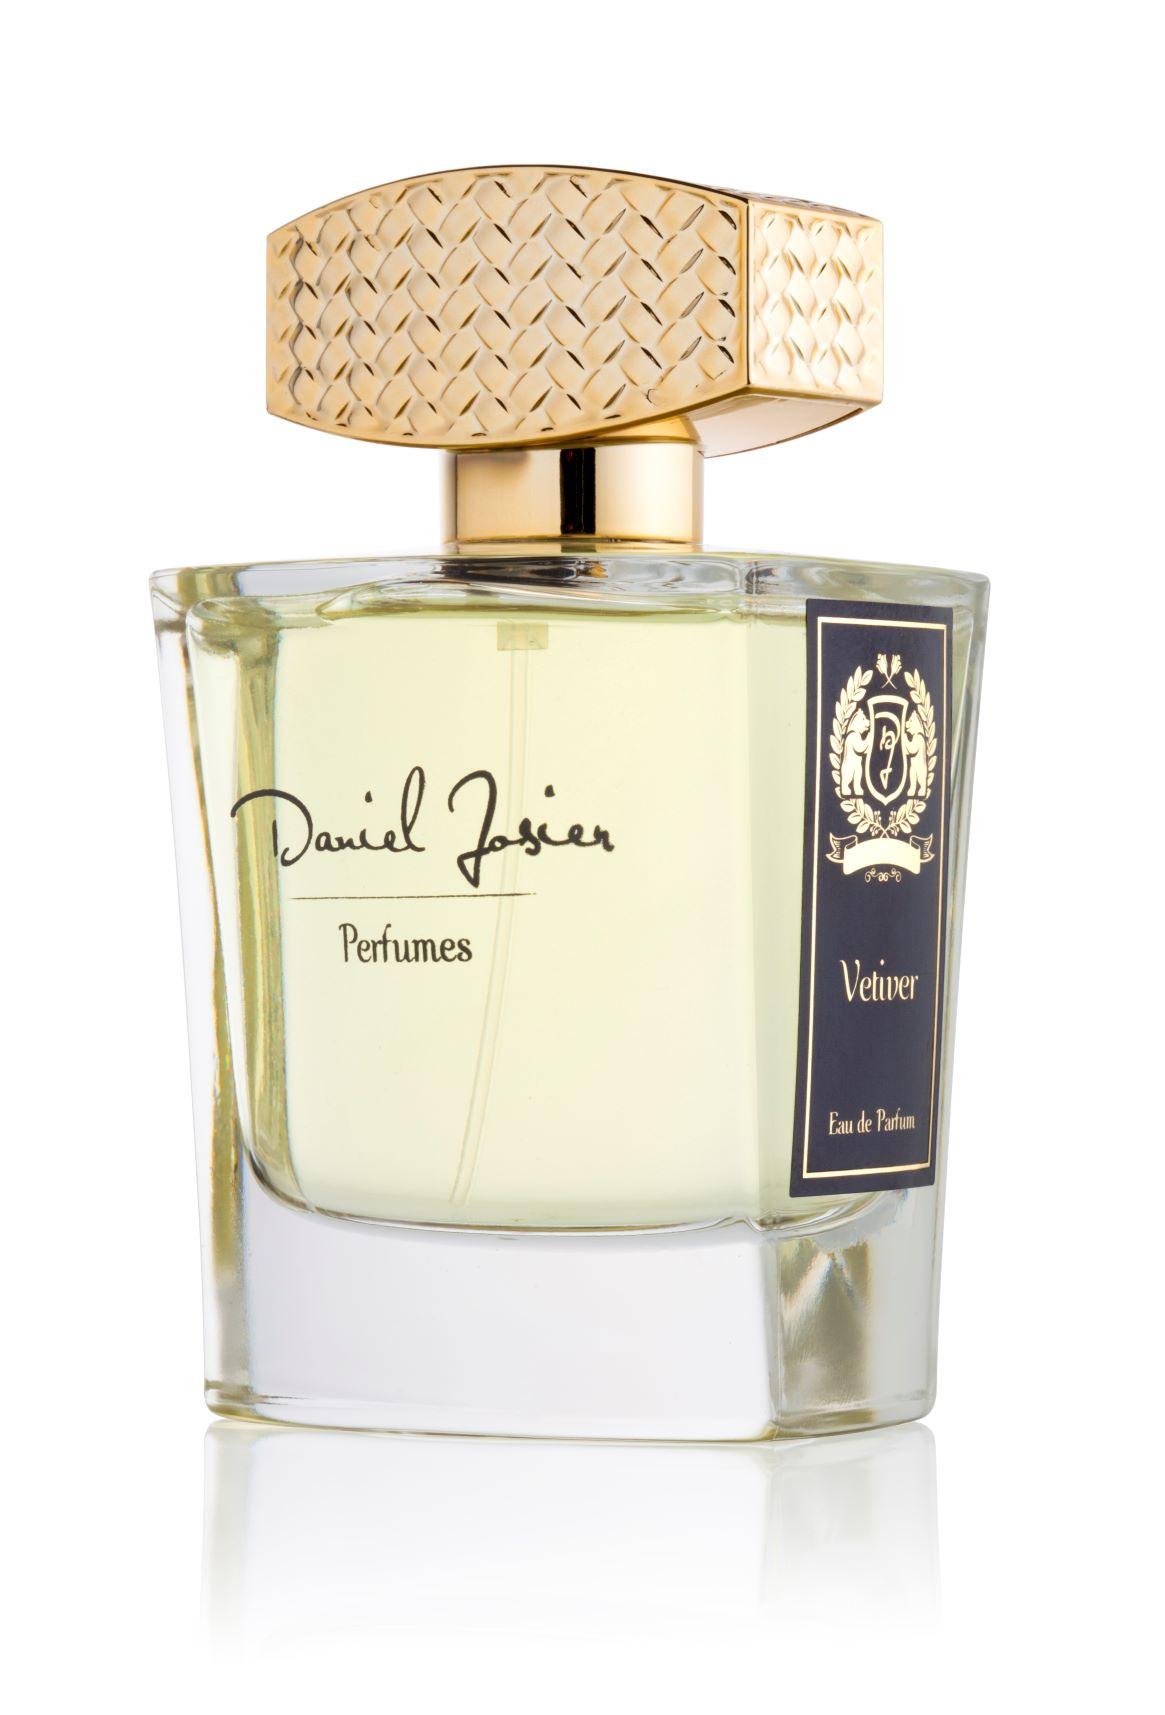 Daniel Josier – Vetiver - Eau de Parfum